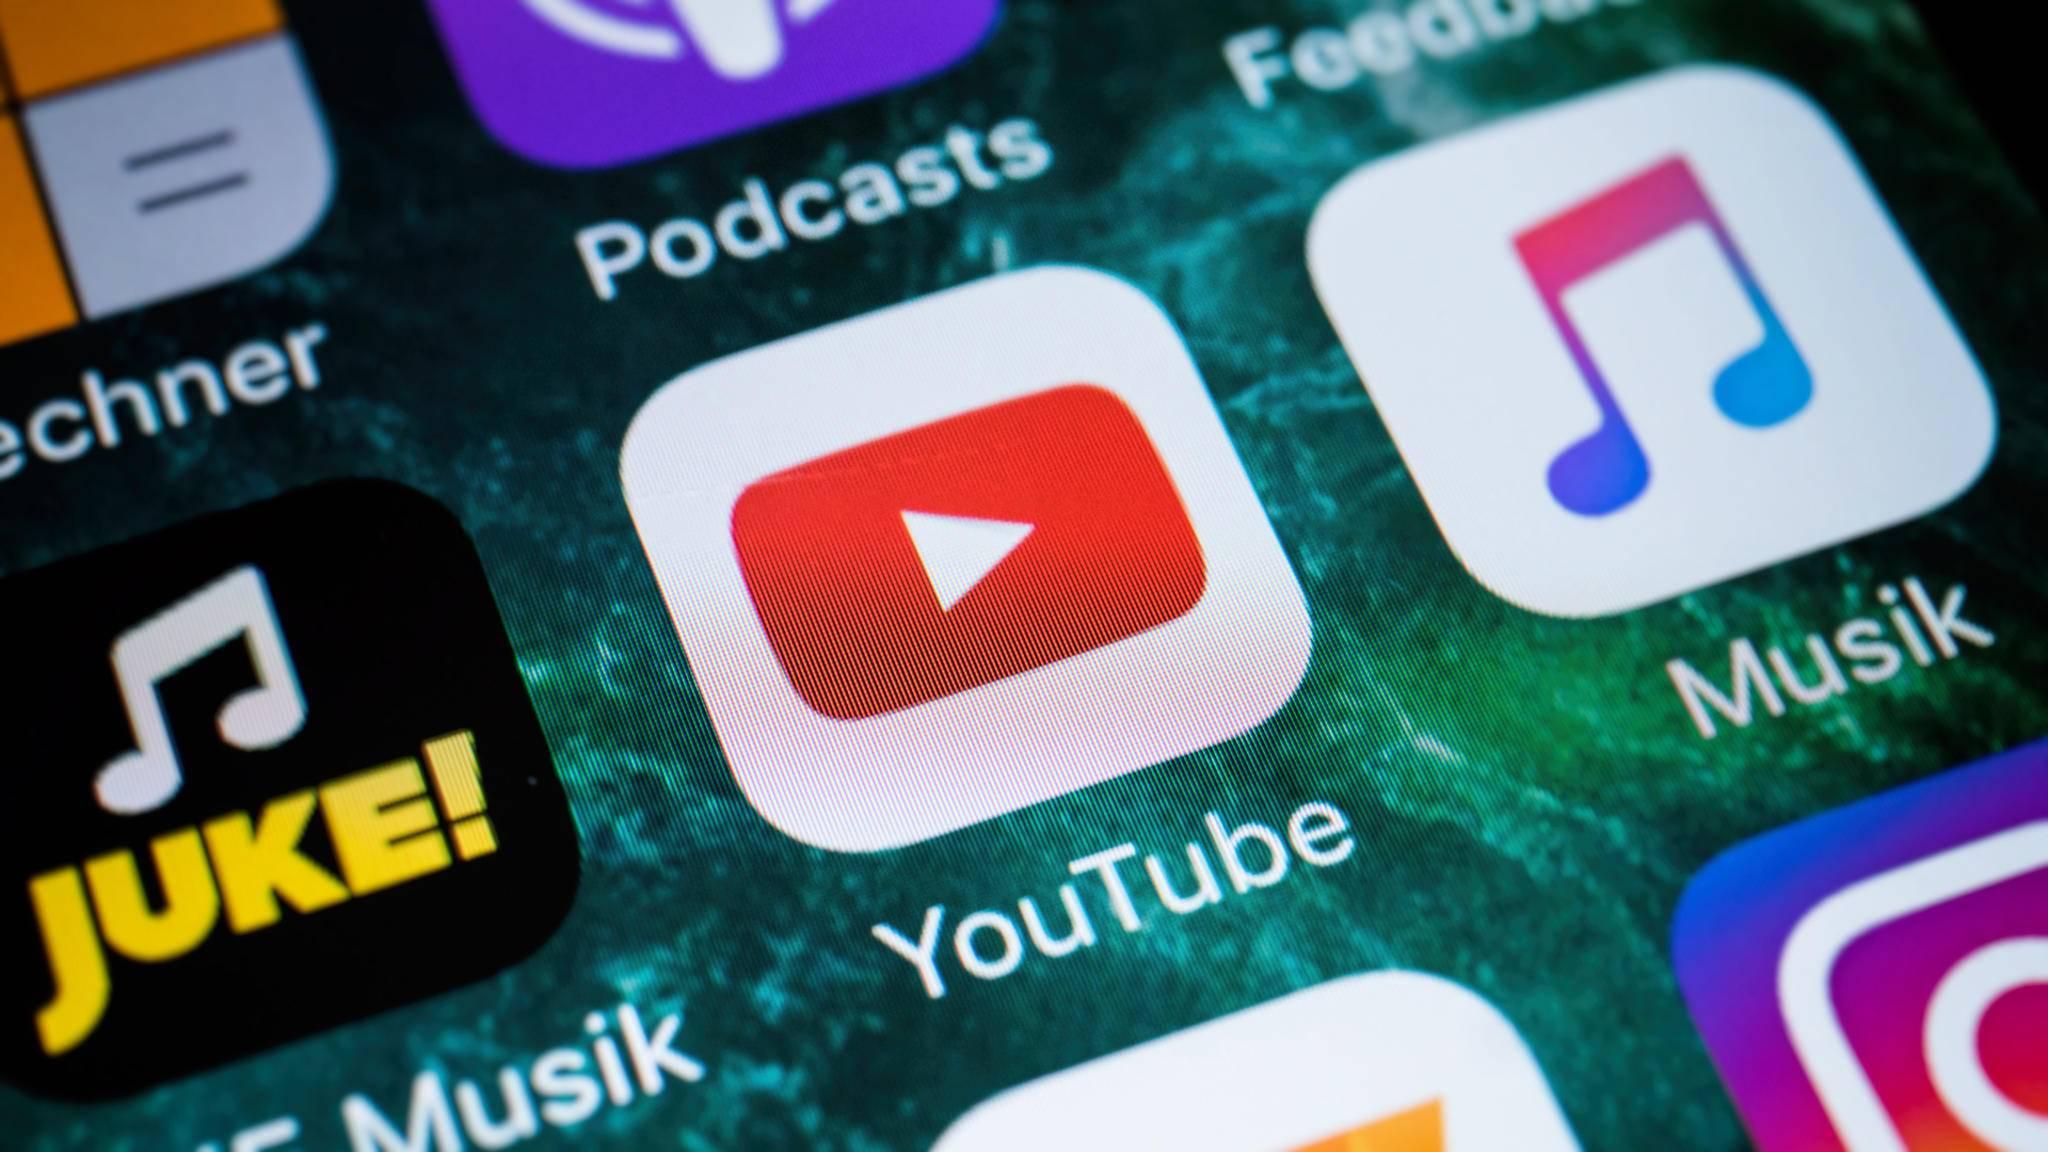 Wenn Du viele YouTube-Videos unterwegs schauen willst, brauchst Du auch sehr viel Datenvolumen.